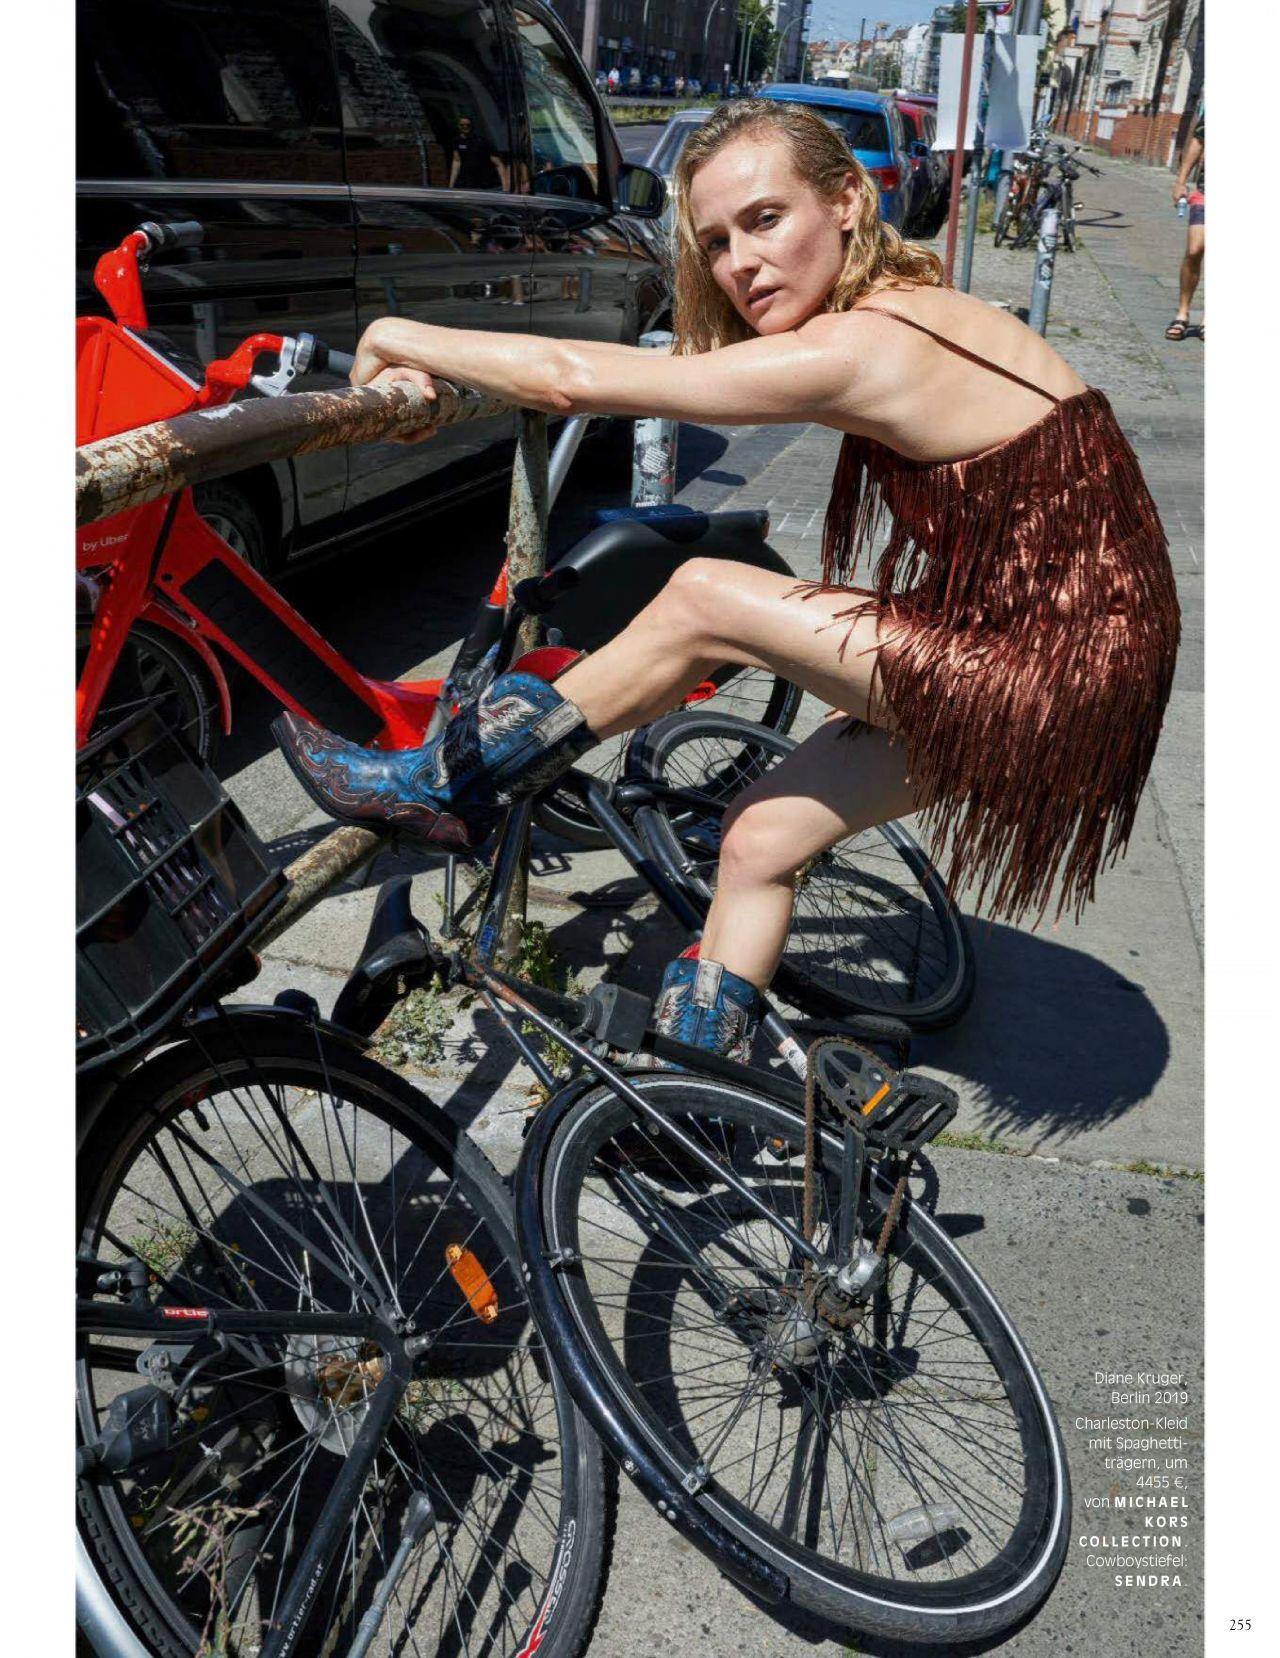 Диана Крюгер купается в фонтане в съемке немецкого Vogue (фото 1)